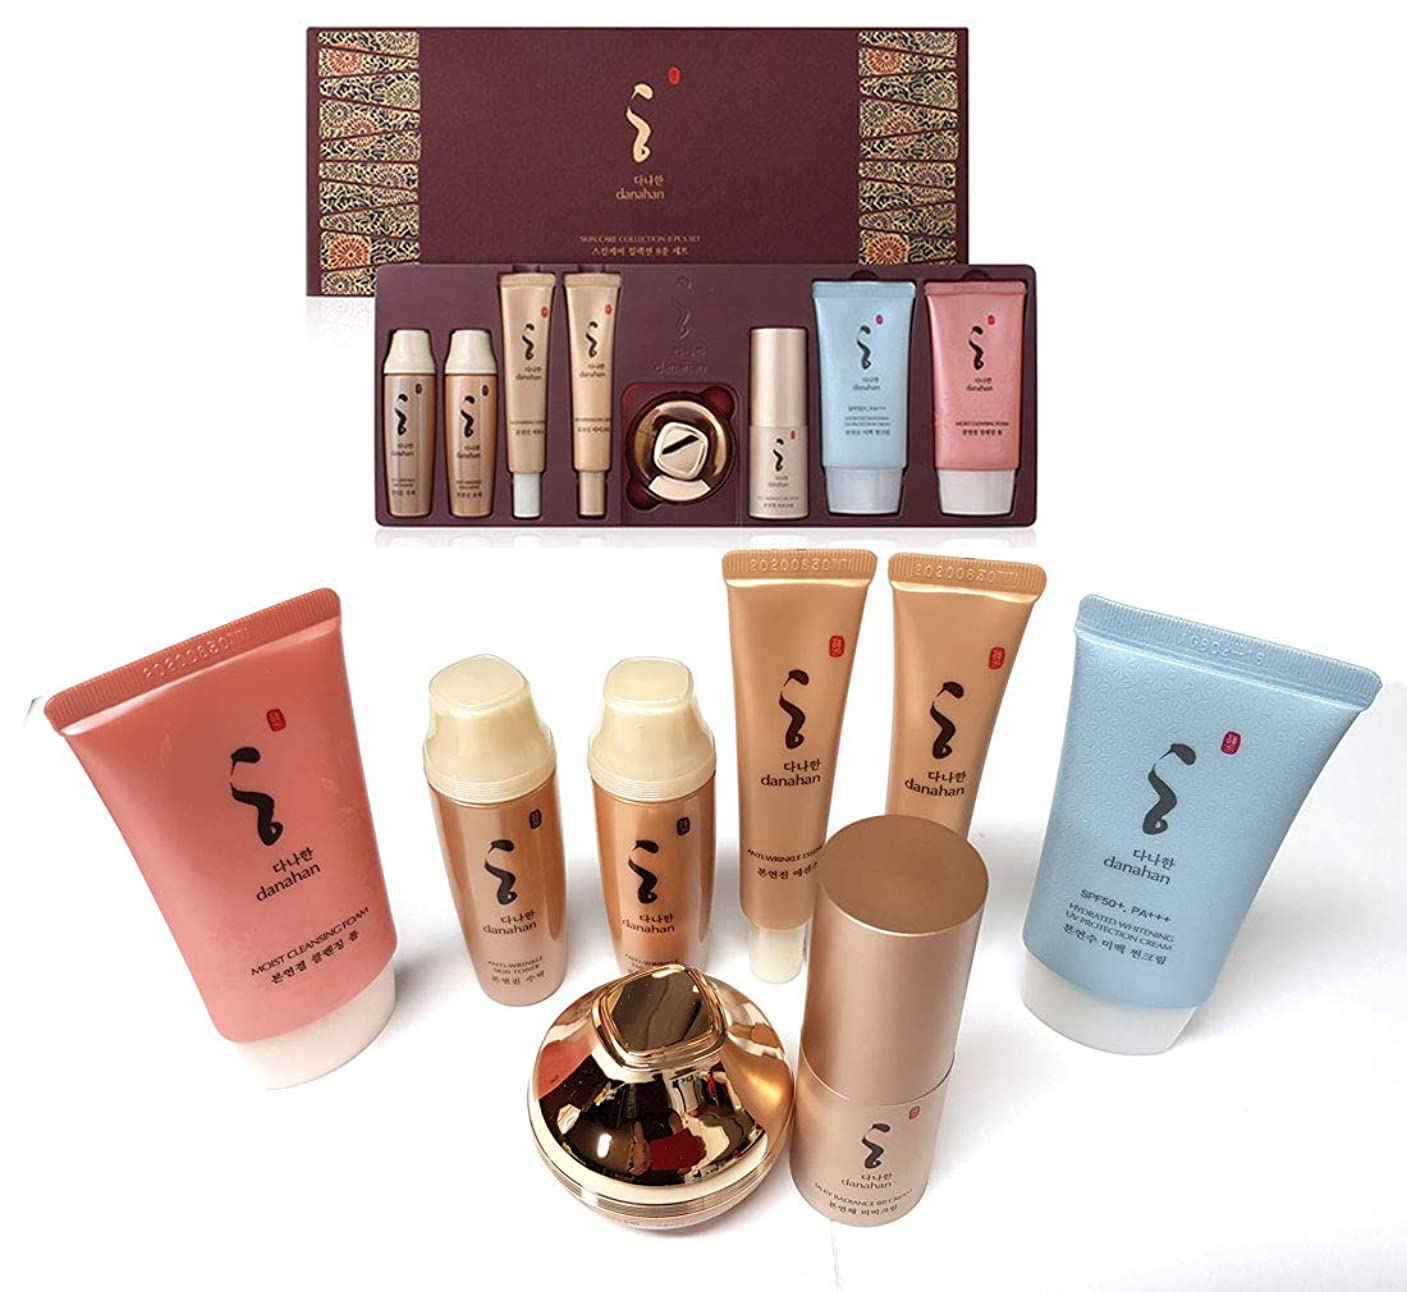 依存ウェイトレス損失[DANAHAN] スキンケアコレクションギフト8本セット/ Skin Care Collection gift 8pcs set/モイスチャー、ハーバルフルイド/Moisture, herbal fluidn/韓国化粧品/Korean Cosmetics [並行輸入品]